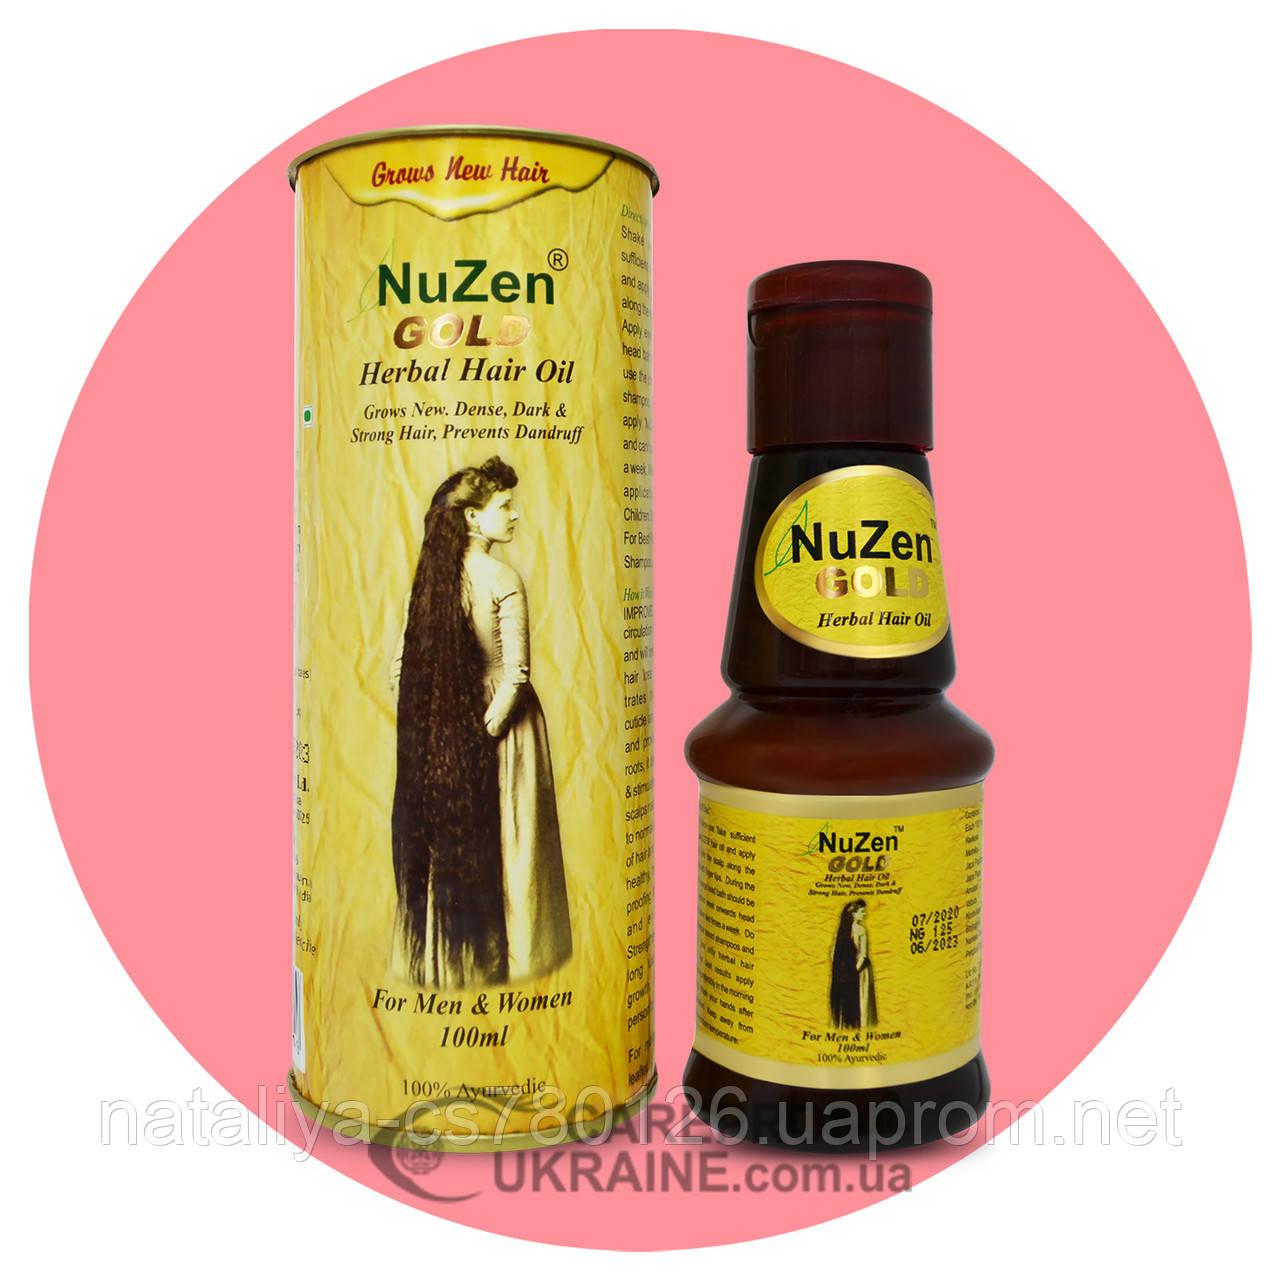 Нузен Голд (Nuzen Gold), масло для роста и укрепления волос, 100 мл